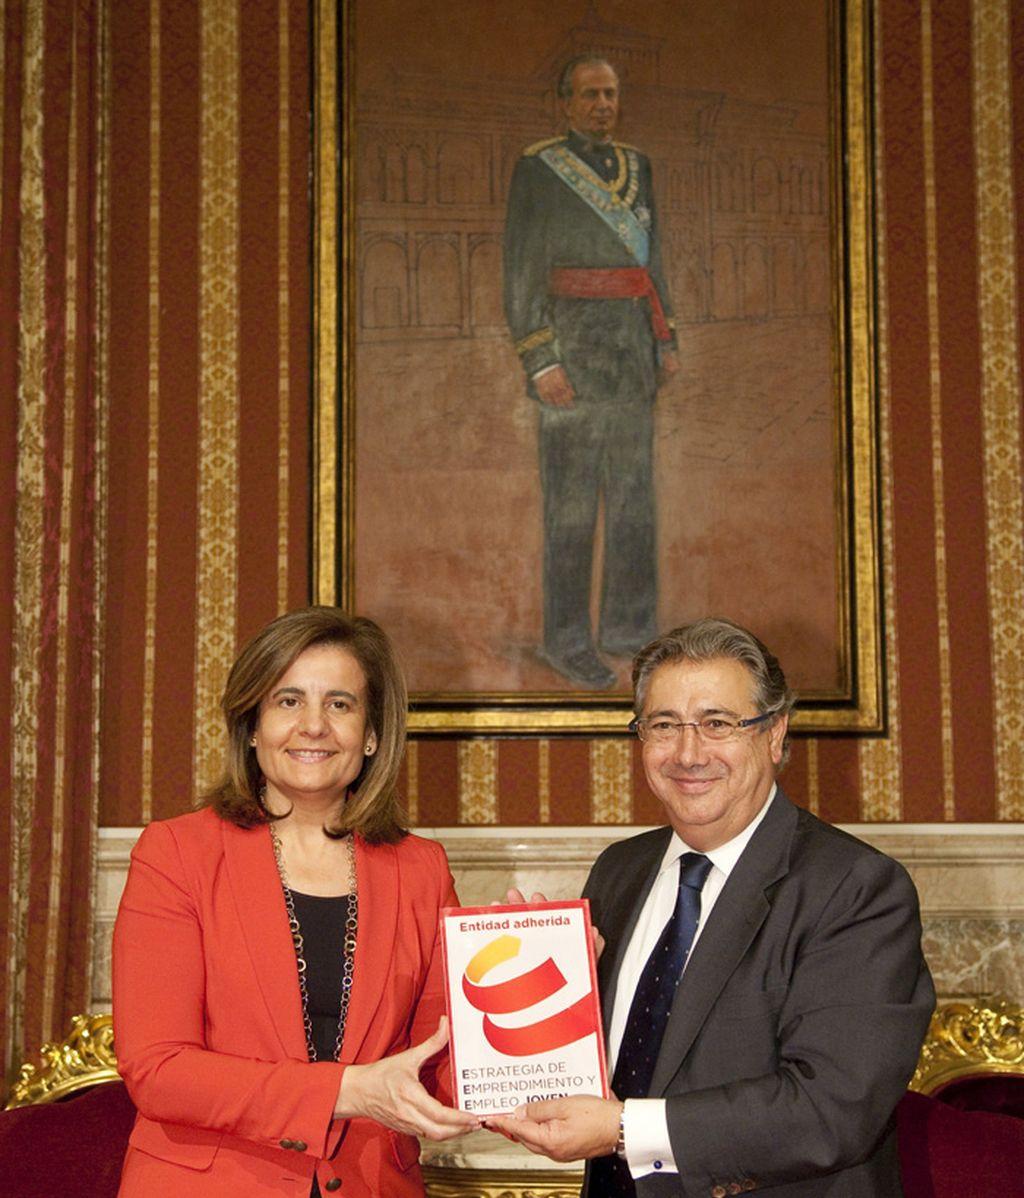 """Fátima Báñez firma en Sevilla el convenio """"Estrategia de Emprendimiento y Empleo Joven 2013-2016"""""""